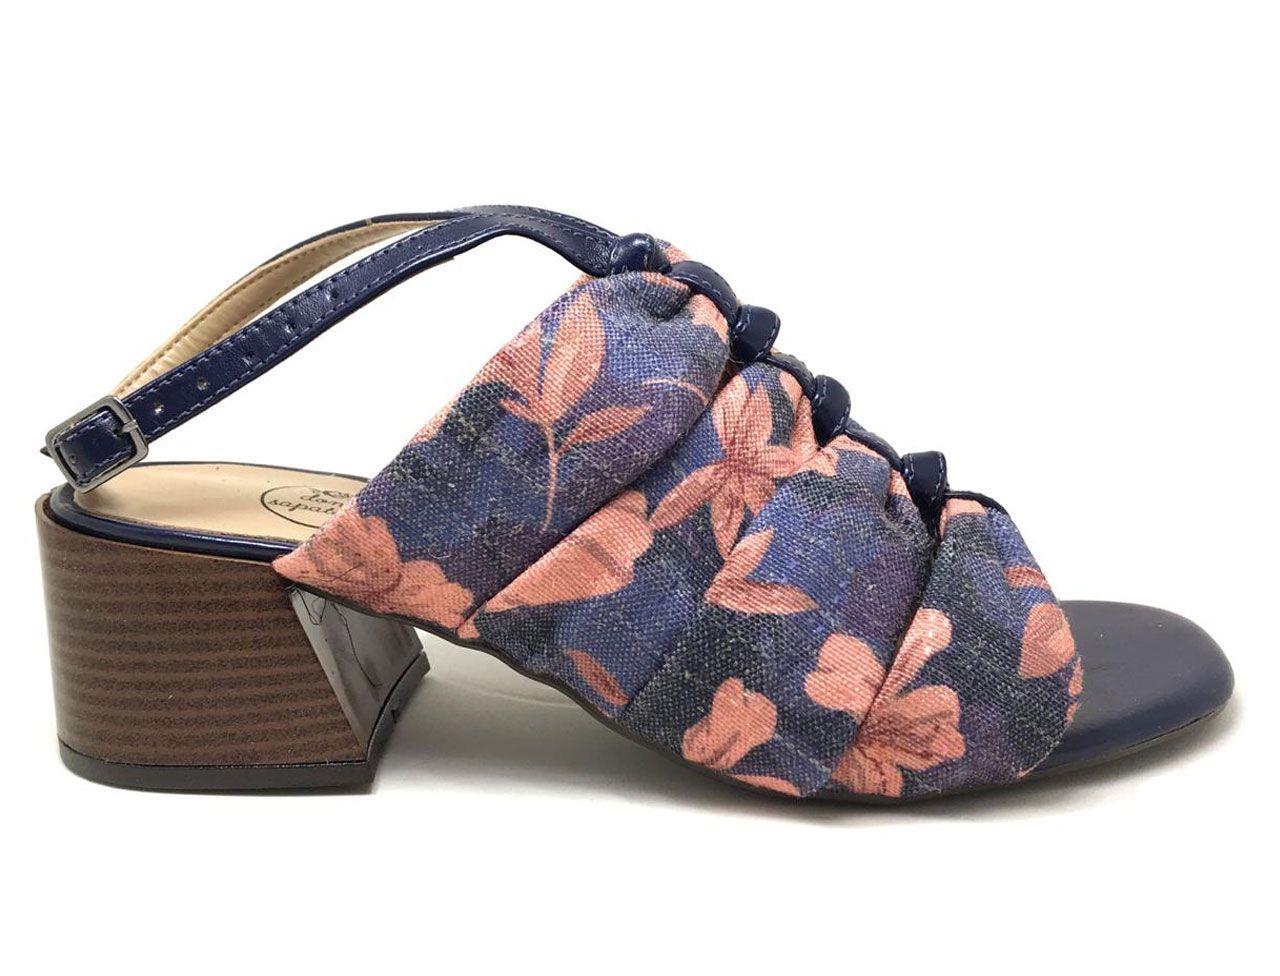 Sandália Bela em Tecido Jacquard com Estampa Floral e Salto Quadrado